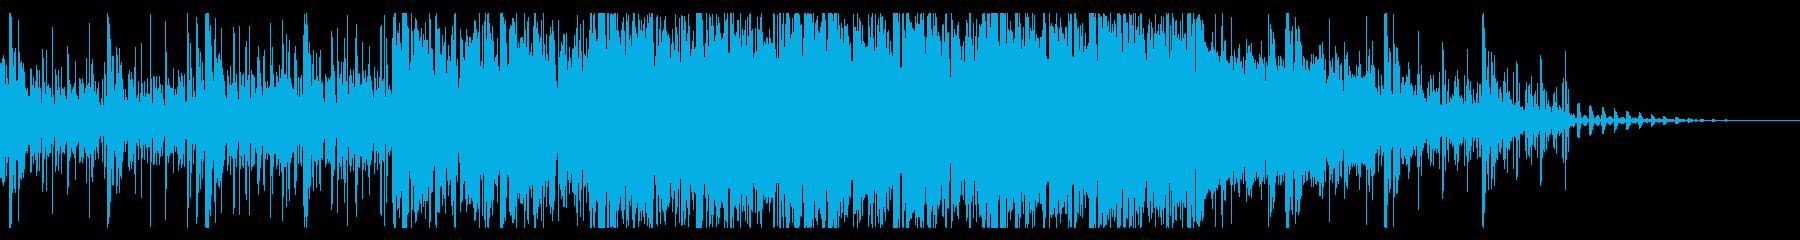 ビリープを繰り返す、アンビエントIDMの再生済みの波形